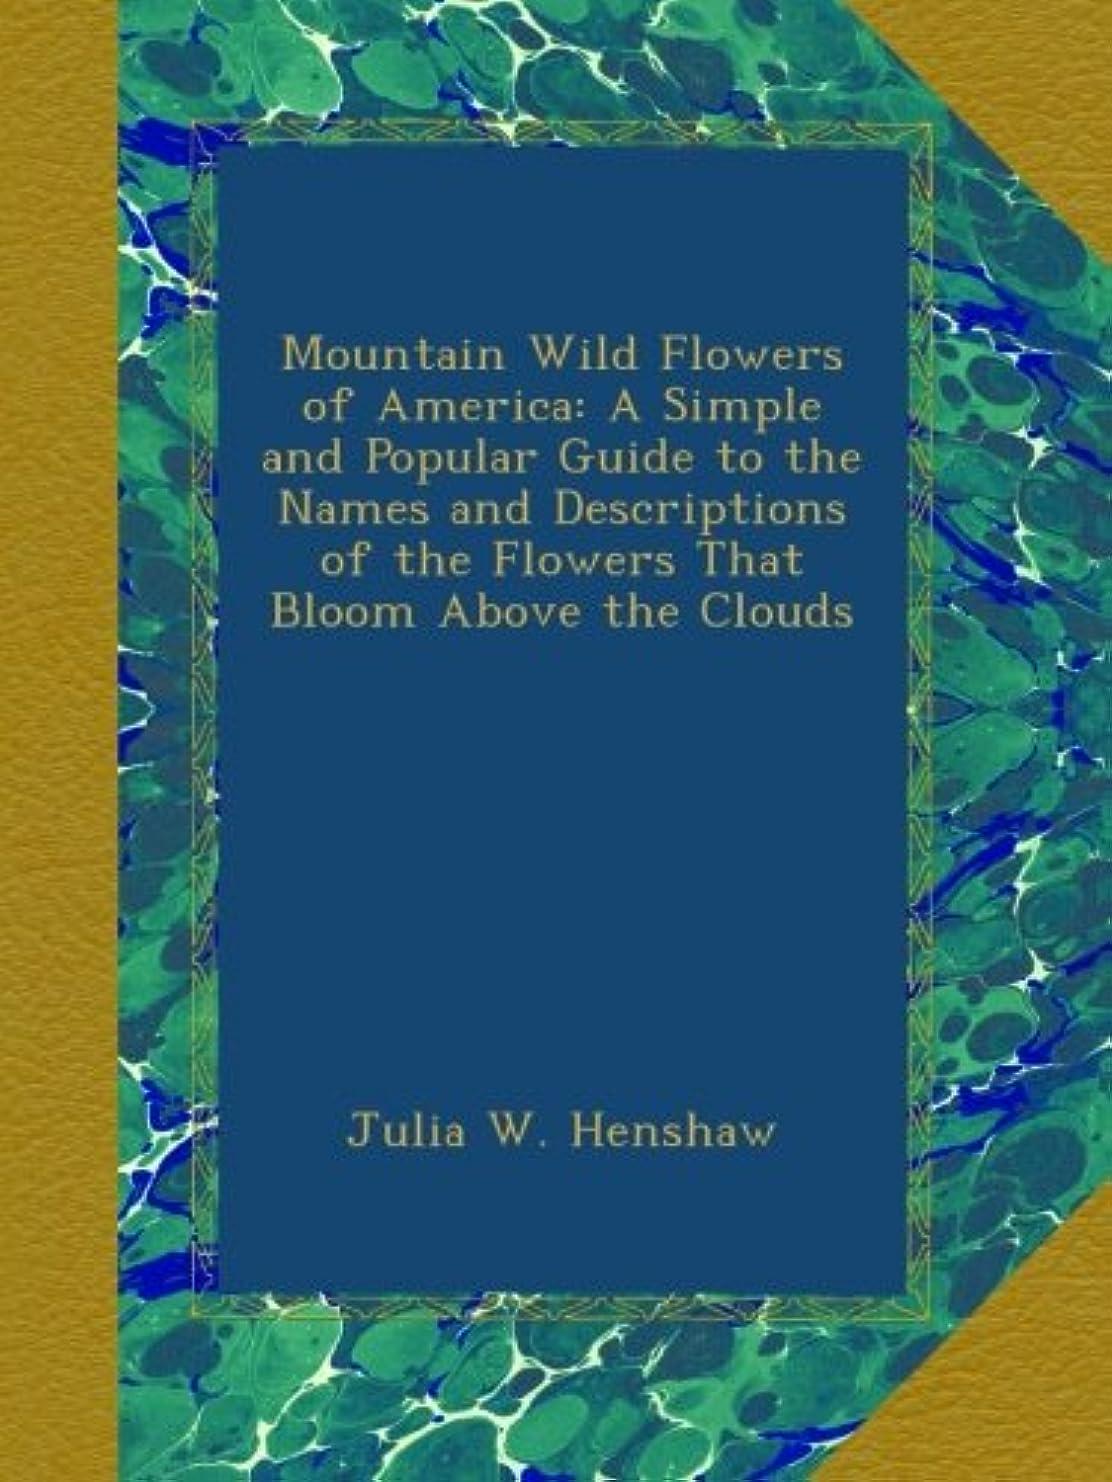 キュービックムスに勝るMountain Wild Flowers of America: A Simple and Popular Guide to the Names and Descriptions of the Flowers That Bloom Above the Clouds